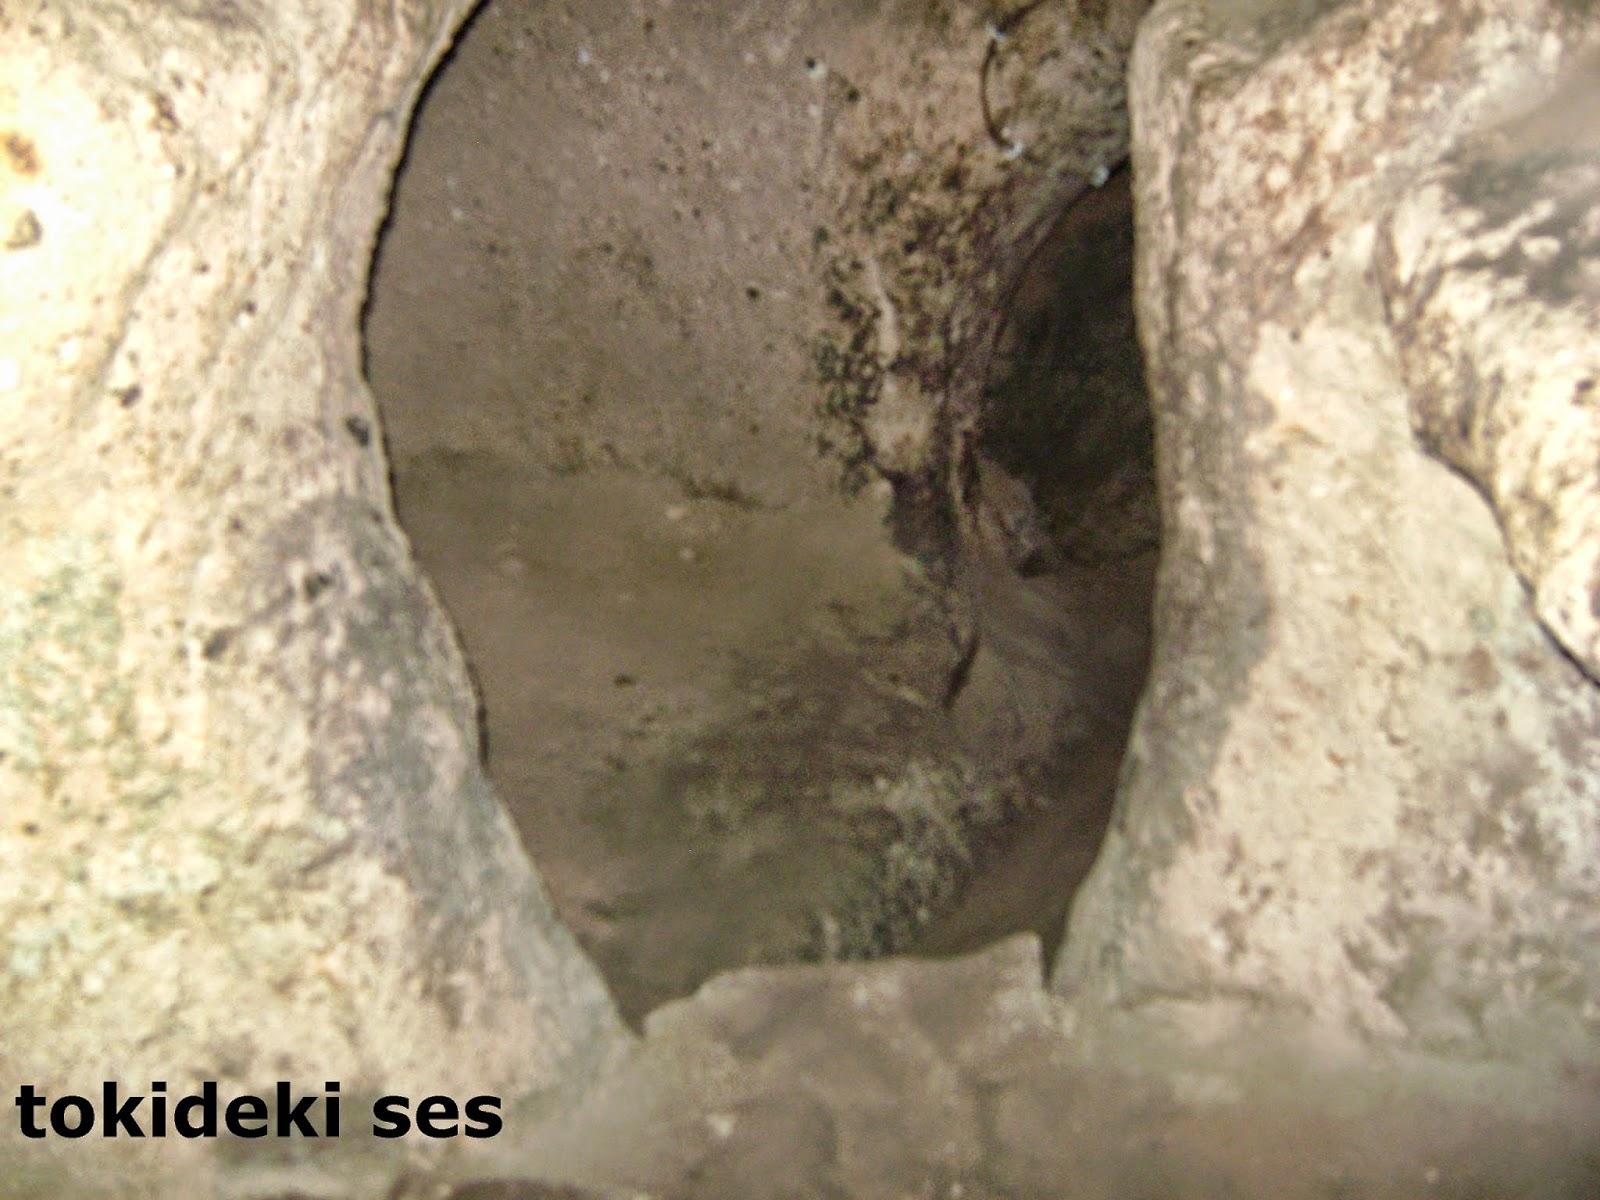 KAYMAKLI YER ALTI ŞEHRİ